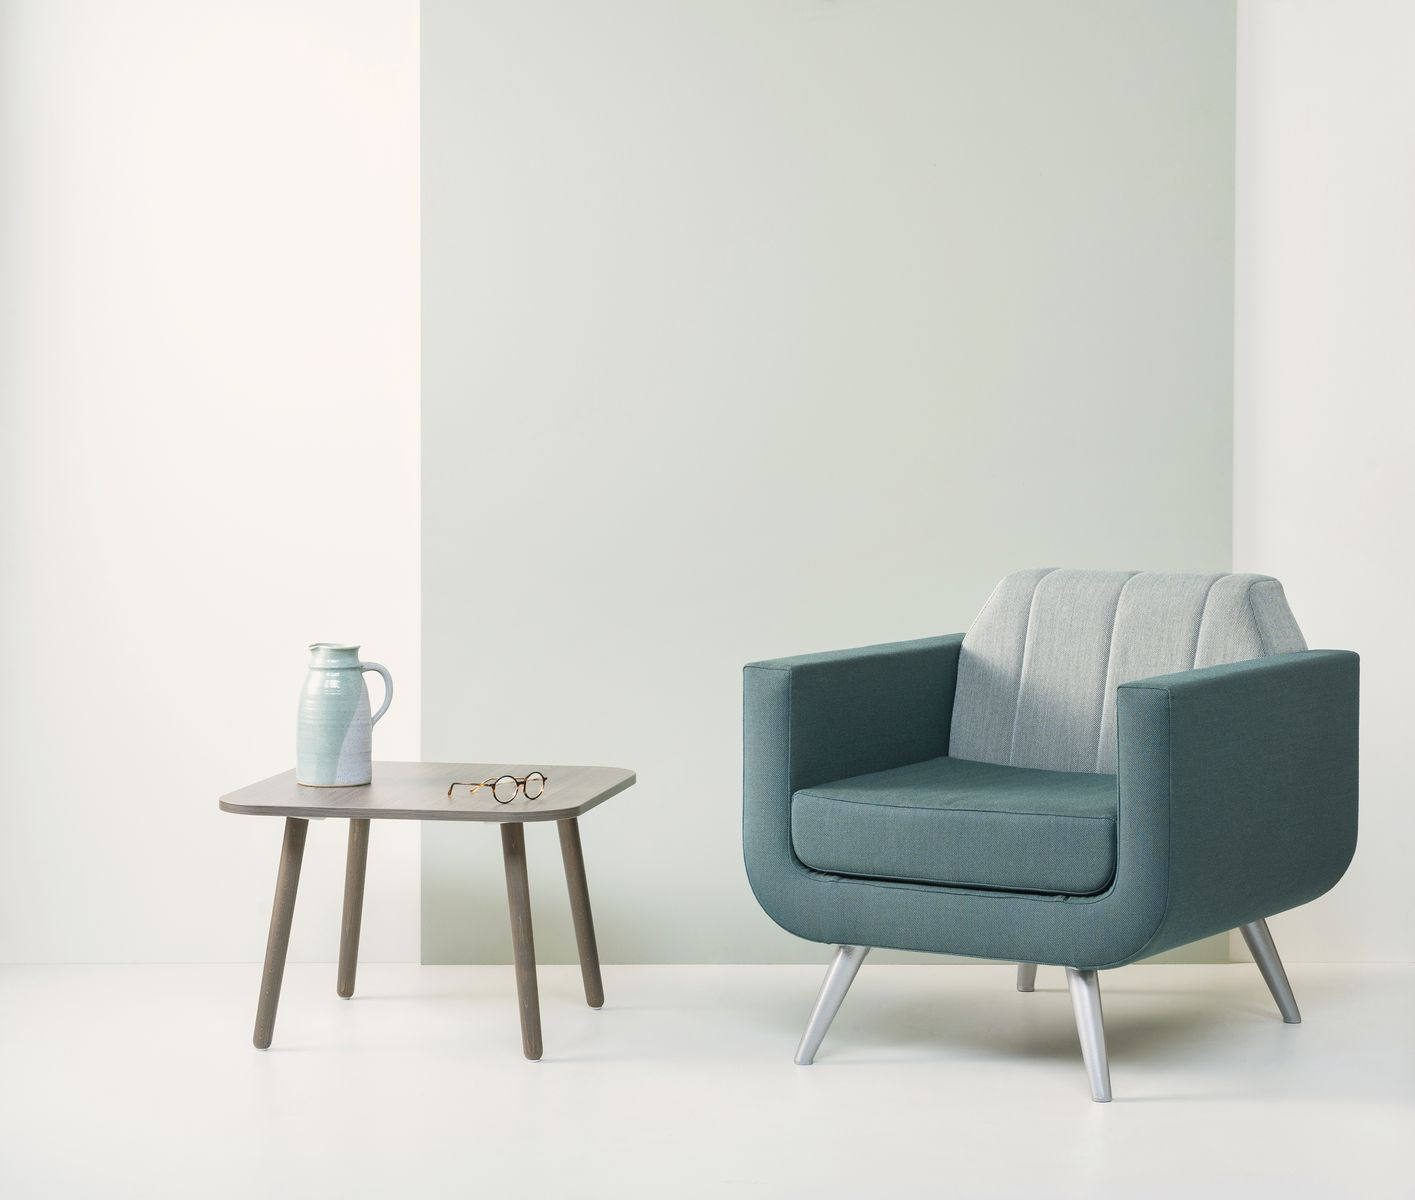 https://vepa.nl/wp-content/uploads/2019/09/Skeef-hout-laag-vierkant-60x60-met-Rocco-stoel.jpg